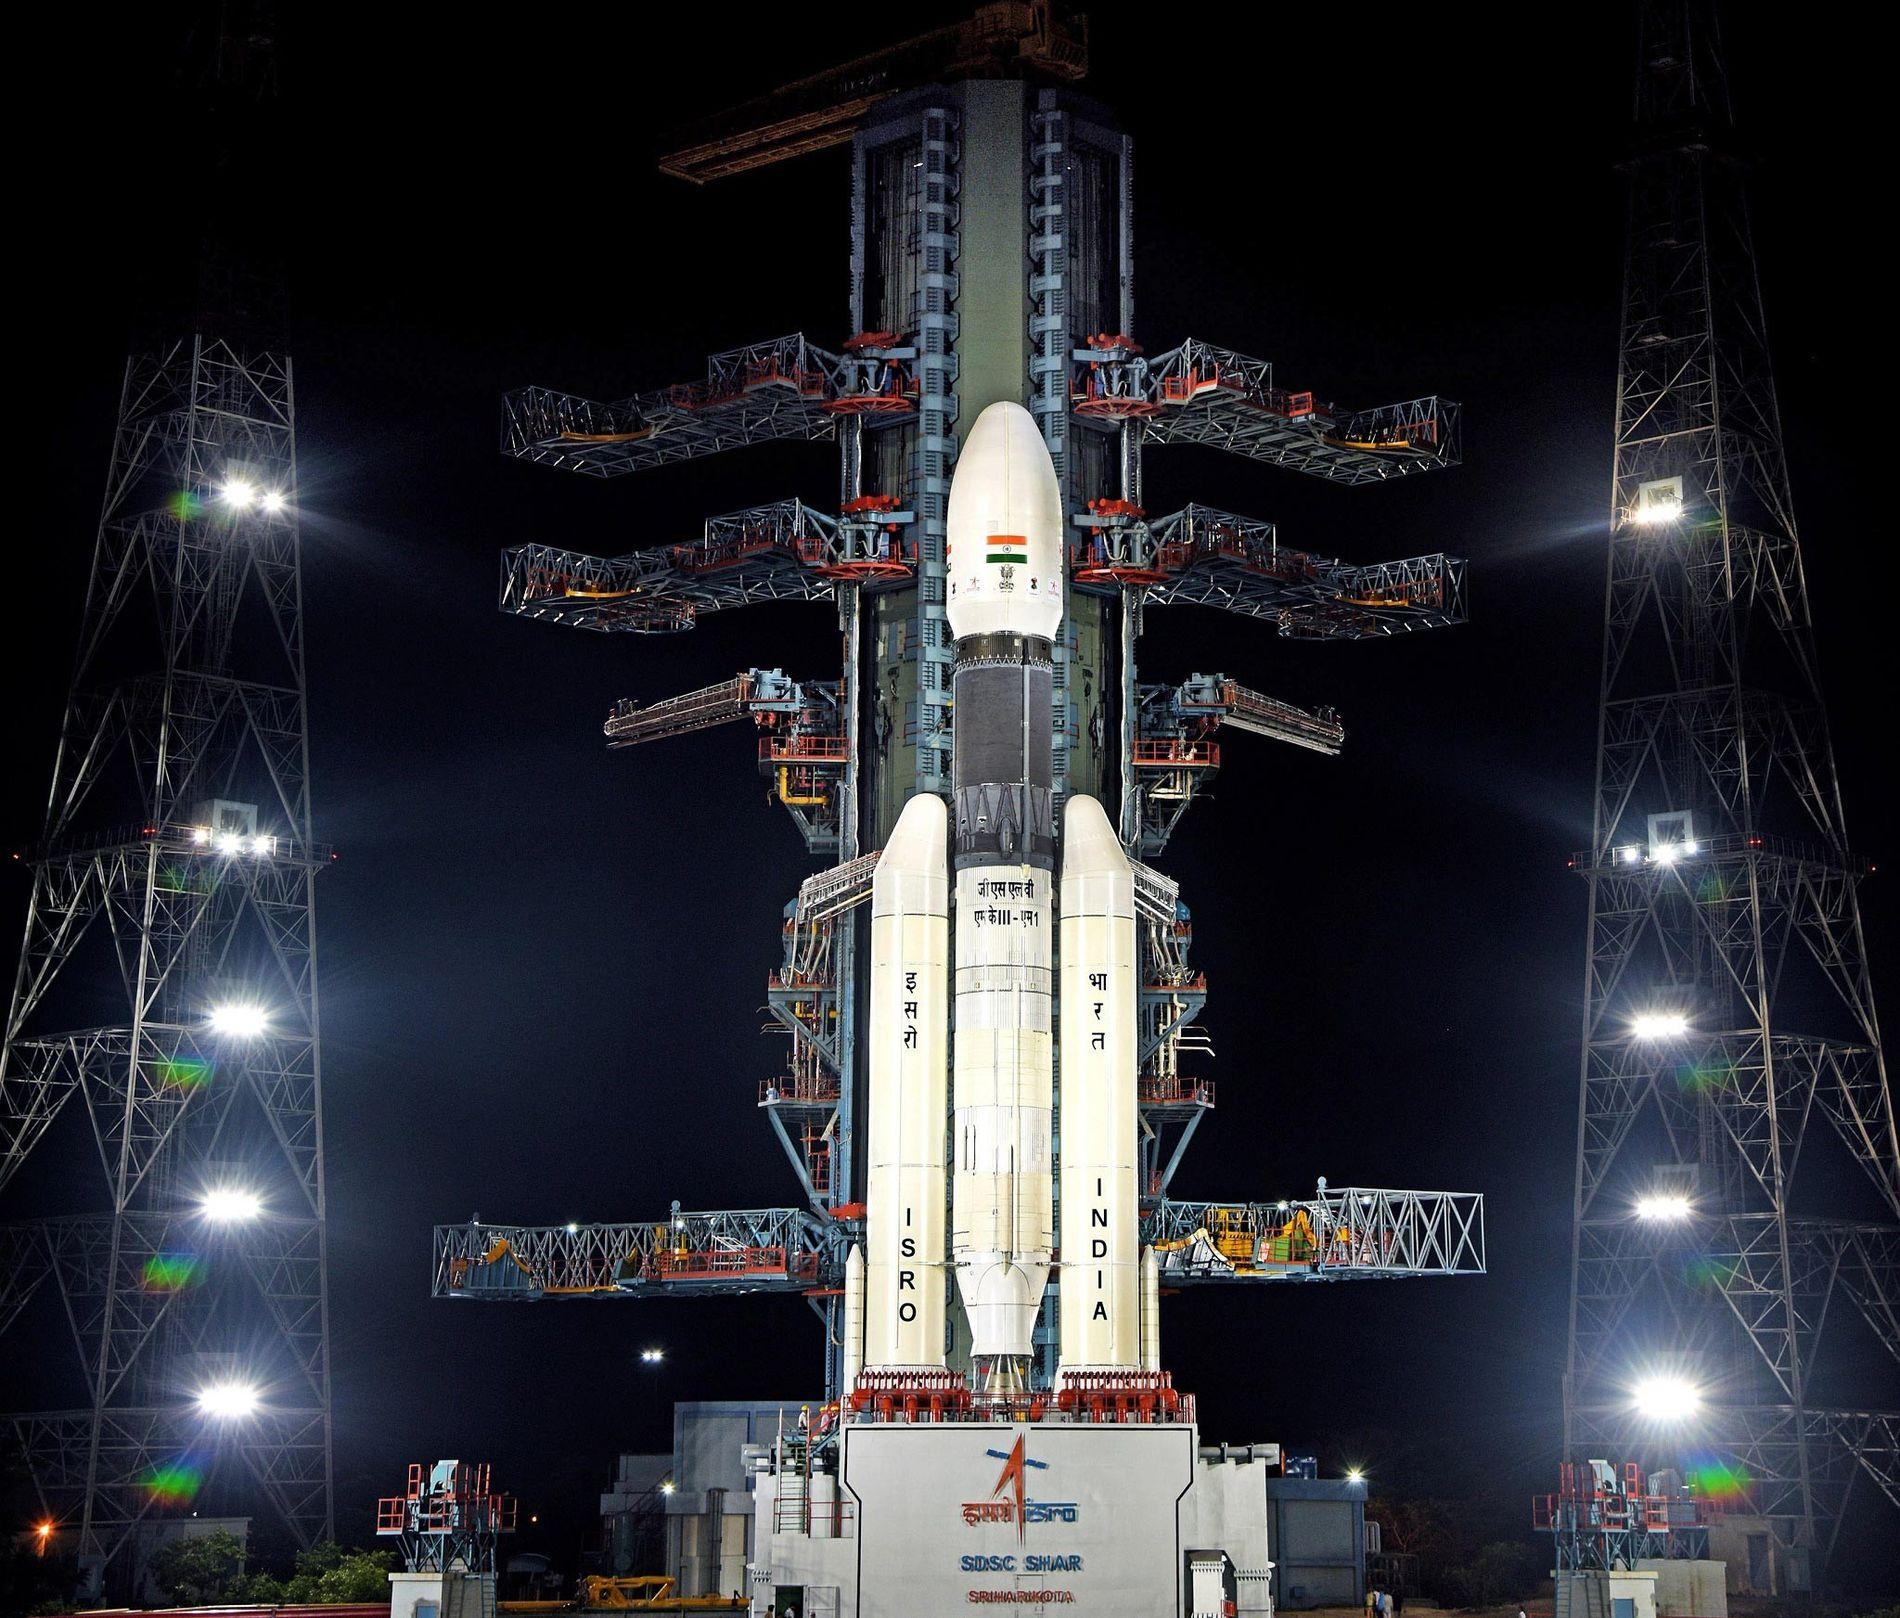 En julio, la misión Chandrayaan-2 de India se lanzó hacia la luna sobre un cohete GSLV ...